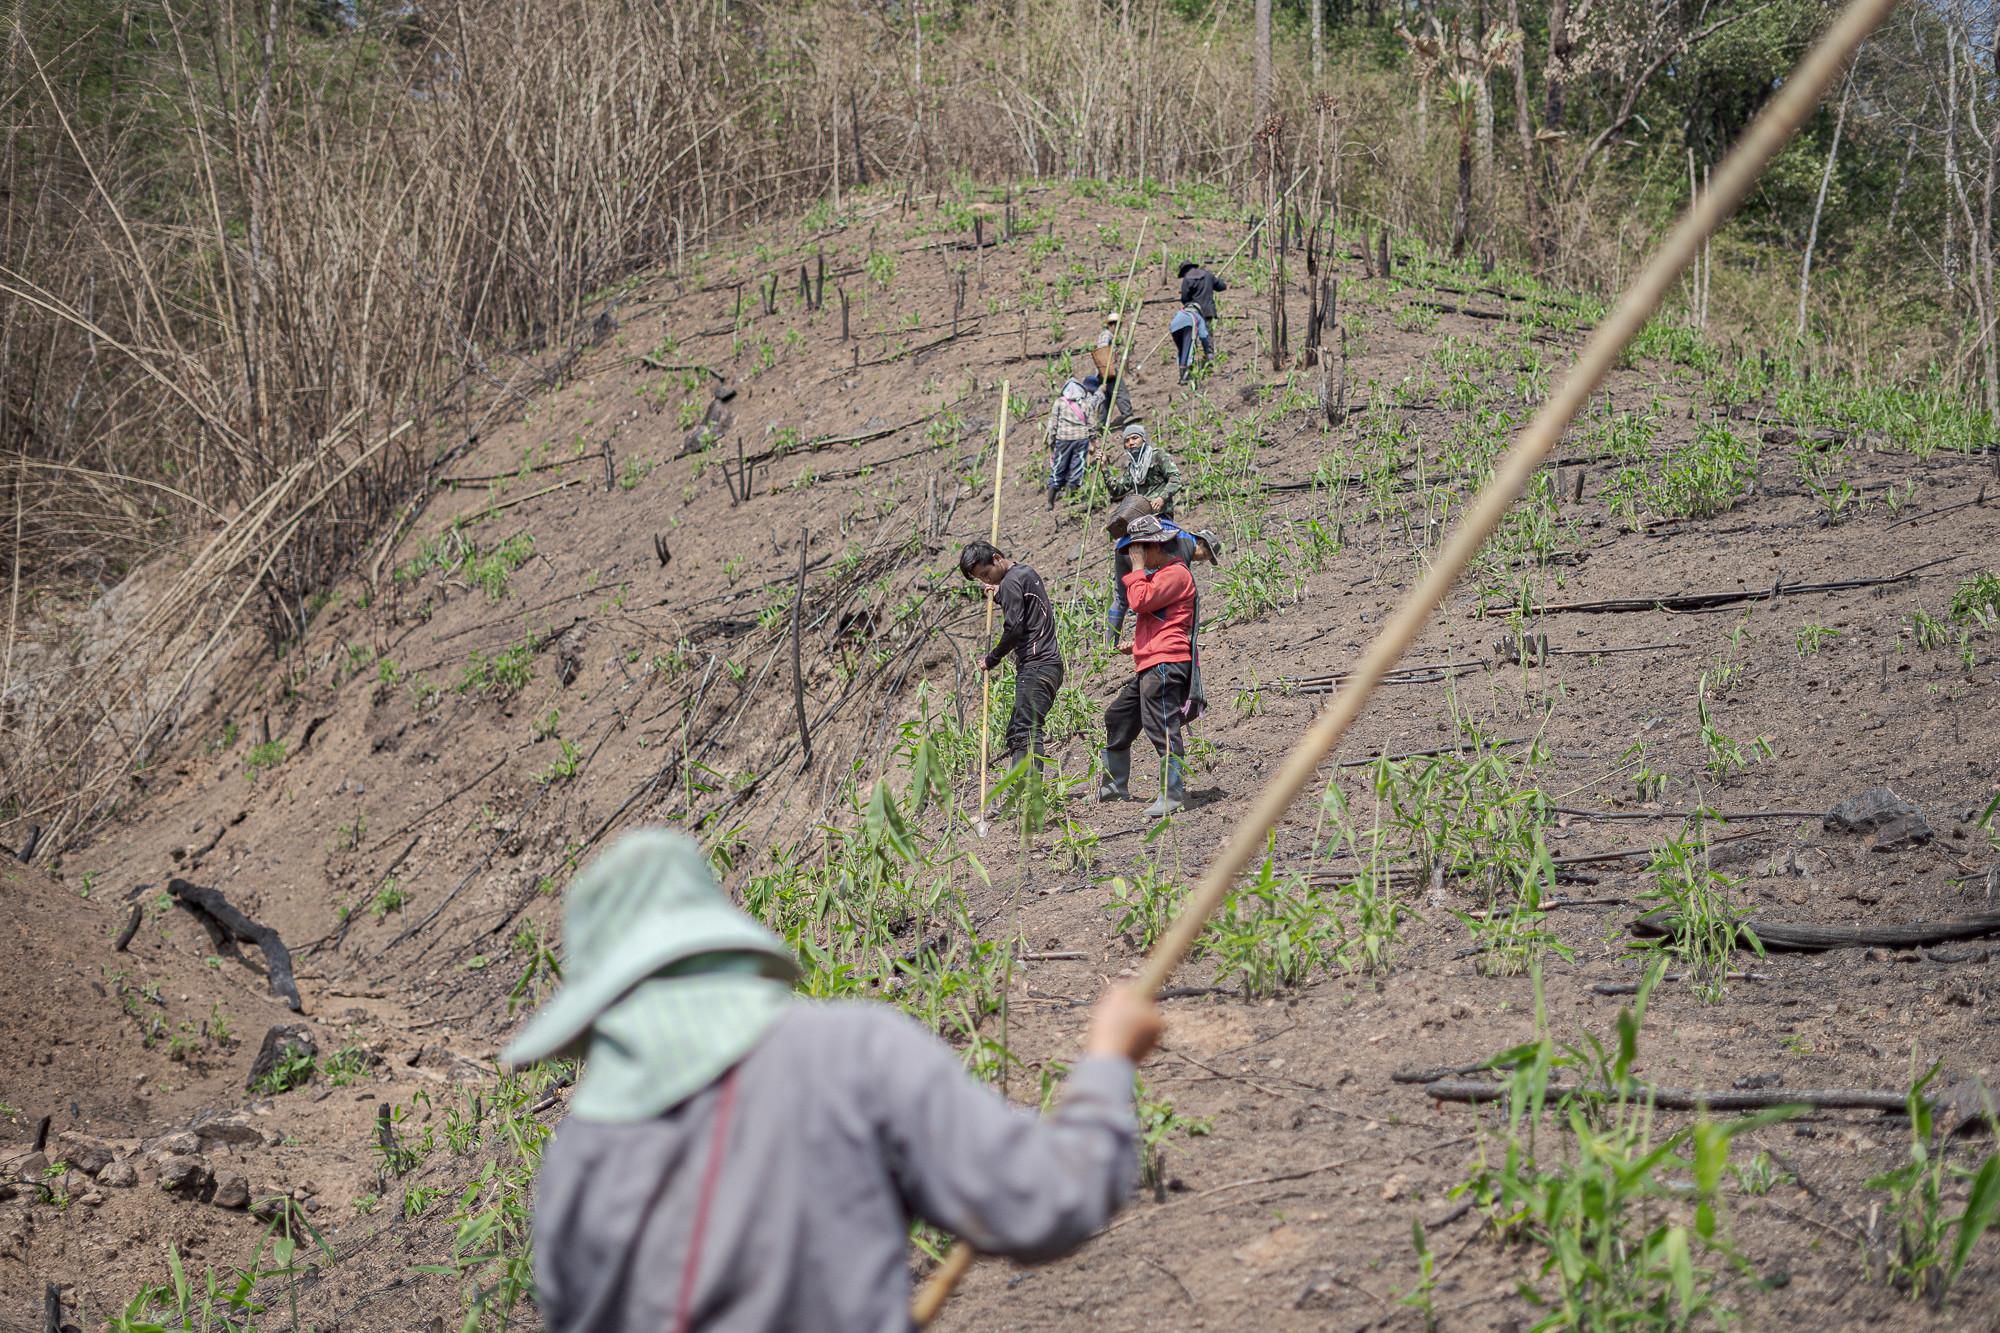 ชาวบ้านกำลังช่วยกันเตรียมพื้นไร่หมุนเวียนเพื่อทำการเพาะปลูกก่อนเข้าฤดูฝนอย่างเป็นทางการ โดยการลงแขกสลับหมุนเวียนกันไปในไร่ของแต่ละครอบครัว ภาพถ่ายเมื่อ 10 พ.ค. 63 (ที่มา: ยศธร ไตรยศ)